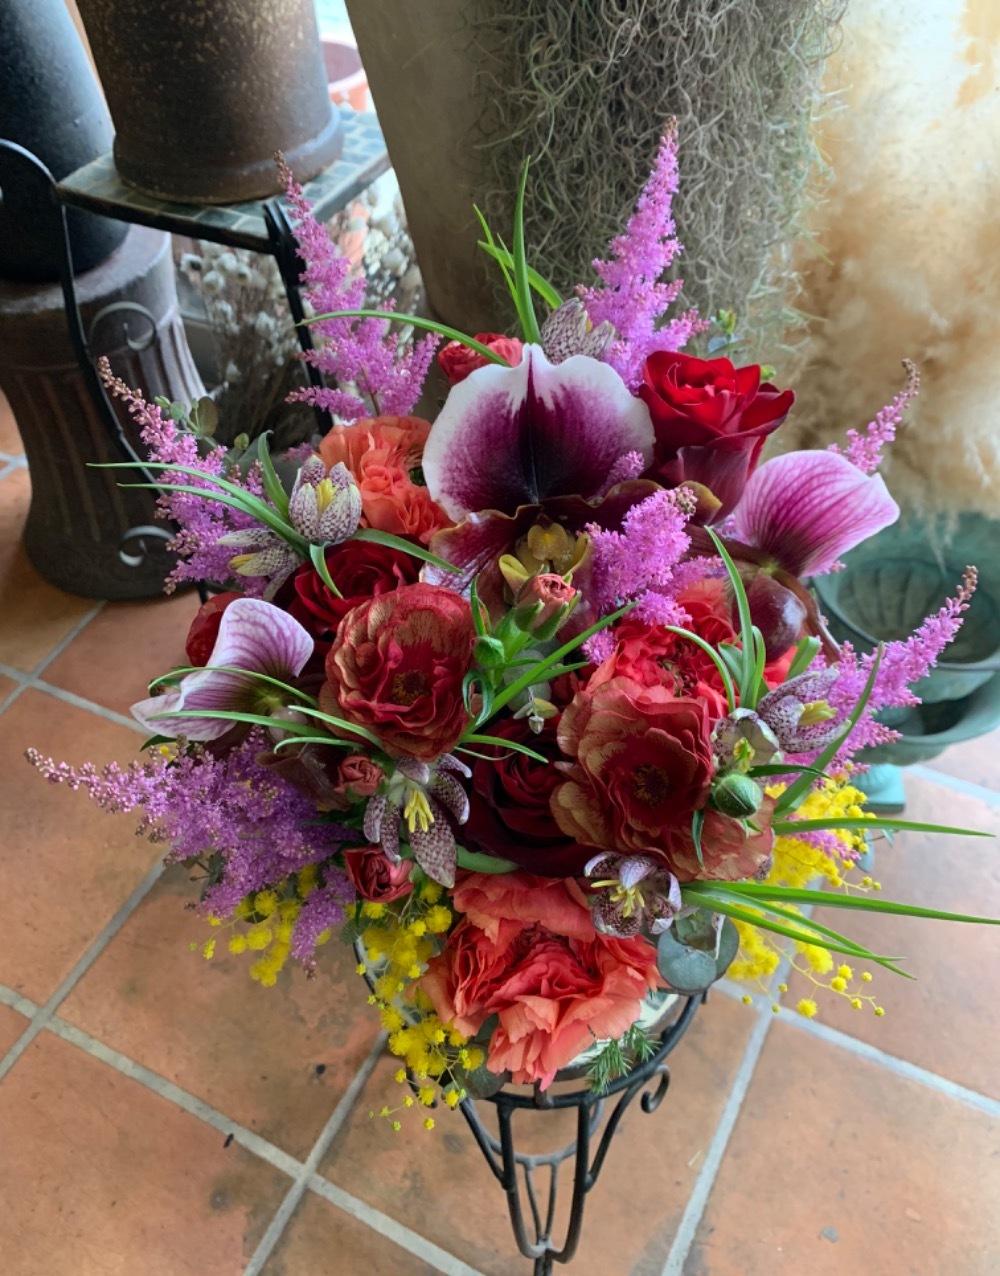 「大人・エレガント・セクシー」をテーマにしたご移転祝い花